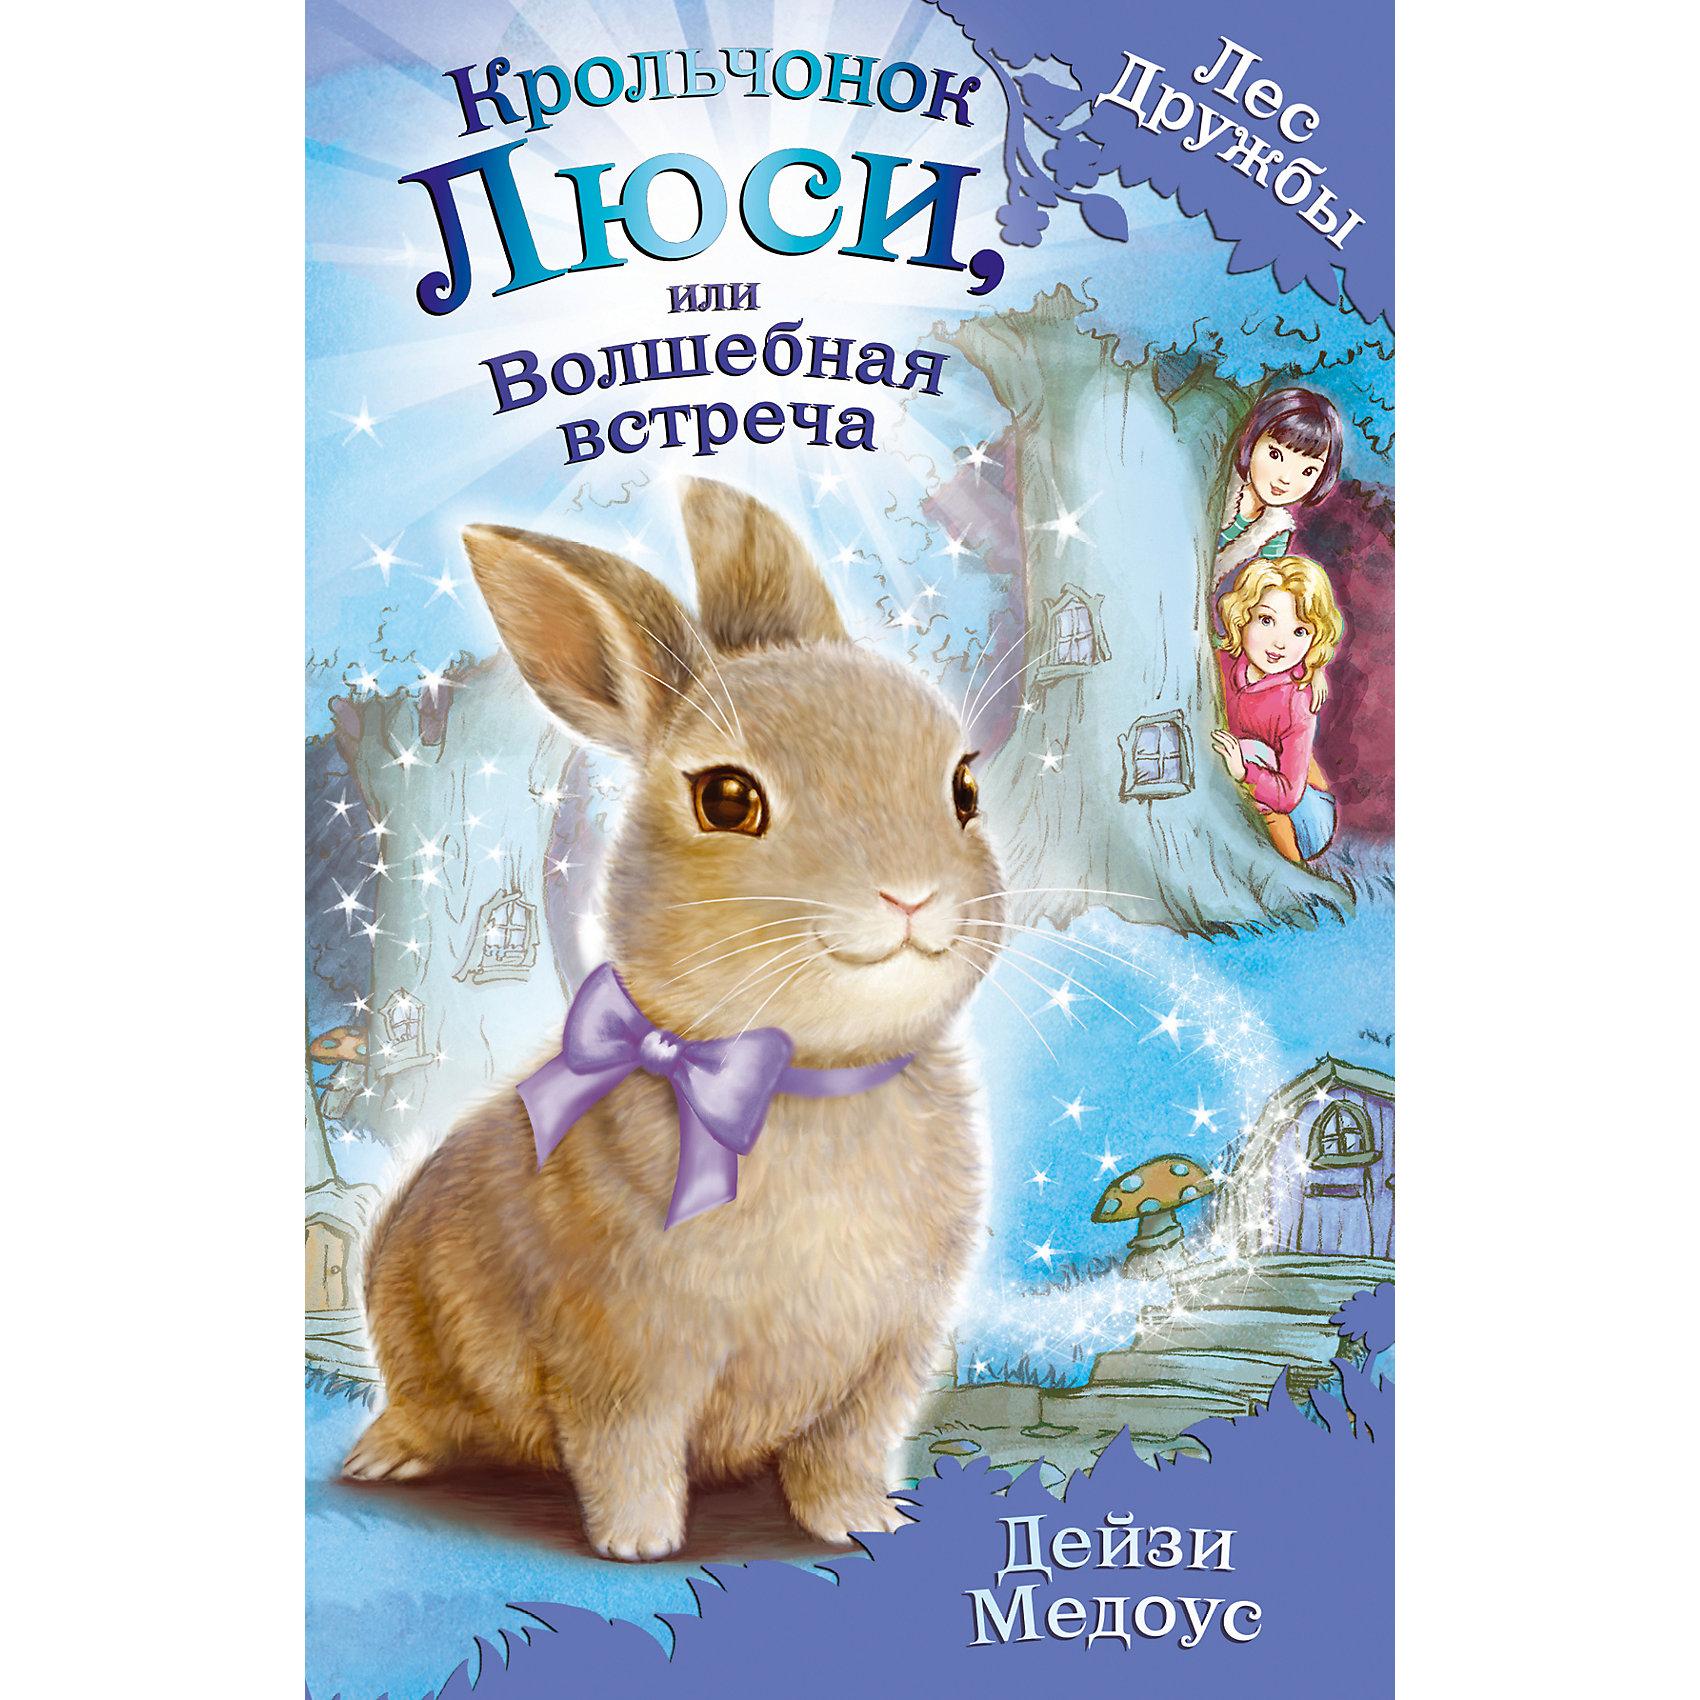 Книга Крольчонок Люси, или Волшебная встреча, Дейзи МедоусЗарубежные сказки<br>Книга Крольчонок Люси, или Волшебная встреча, Дейзи Медоус – это увлекательная повесть о приключениях подруг Лили и Джесс.<br>Дейзи Медоус - автор более ста книг для детей, среди которых серия Rainbow Magic - всемирный бестселлер о приключениях фей. Представляем вашему вниманию ее новый проект! Лили и Джесс - лучшие подруги, они обожают животных и даже помогают в ветклинике. Однажды девочки знакомятся с необычной кошкой Голди, которая привела их в волшебное место – Лес Дружбы, где все животные умеют разговаривать. С этого дня приключения следуют одно за другим! Первой, кого встретили Лили и Джесс, оказалась Люси Длинноус, любопытный крольчонок. Но внезапно, прямо на глазах у девочек, Люси похитили злые тролли! Что же делать? Джесс и Лили пускаются в погоню, но троллей и след простыл. Помочь подружкам может только мудрый филин…  Для младшего школьного возраста.<br><br>Дополнительная информация:<br><br>- Автор: Медоус Дейзи<br>- Переводчик: Романенко Е. А.<br>- Издательство: Эксмо, 2015 г.<br>- Серия: Лес Дружбы. Волшебные истории о зверятах<br>- Тип обложки: 7Б - твердая (плотная бумага или картон)<br>- Оформление: частичная лакировка, глитер (блестки)<br>- Иллюстрации: черно-белые<br>- Количество страниц: 128 (офсет)<br>- Размер: 206x132x12 мм.<br>- Вес: 242 гр.<br><br>Книгу Крольчонок Люси, или Волшебная встреча, Дейзи Медоус можно купить в нашем интернет-магазине.<br><br>Ширина мм: 206<br>Глубина мм: 132<br>Высота мм: 12<br>Вес г: 250<br>Возраст от месяцев: 36<br>Возраст до месяцев: 72<br>Пол: Унисекс<br>Возраст: Детский<br>SKU: 4467665